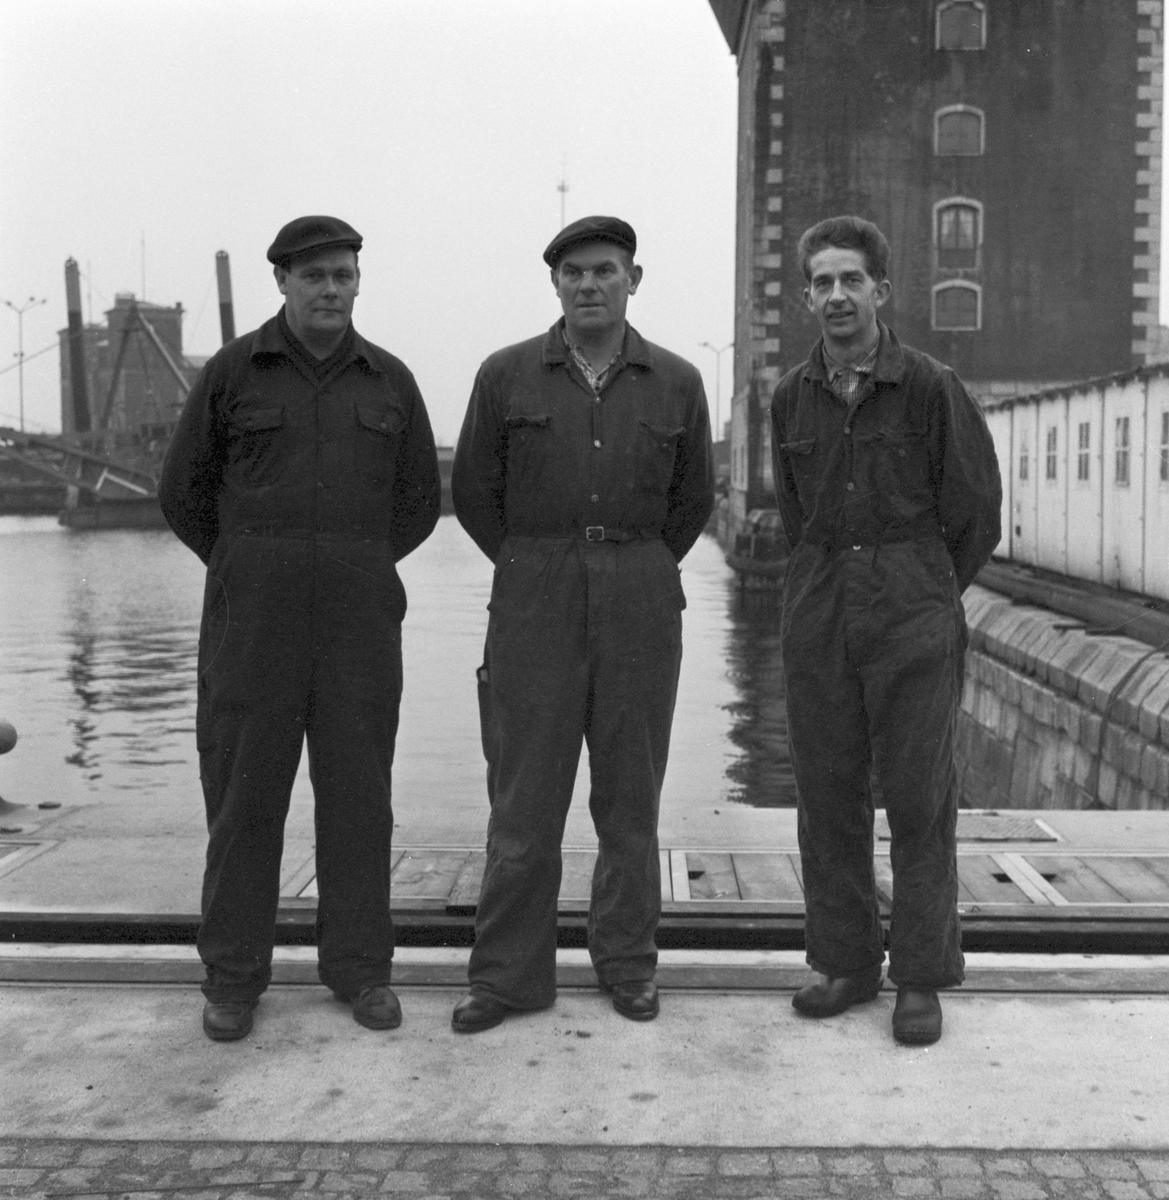 Övrigt: Foto datum: 1/1 1961 Byggnader och kranar Maskverkstan skyttelag. Närmast identisk bild: V23144, ej skannad